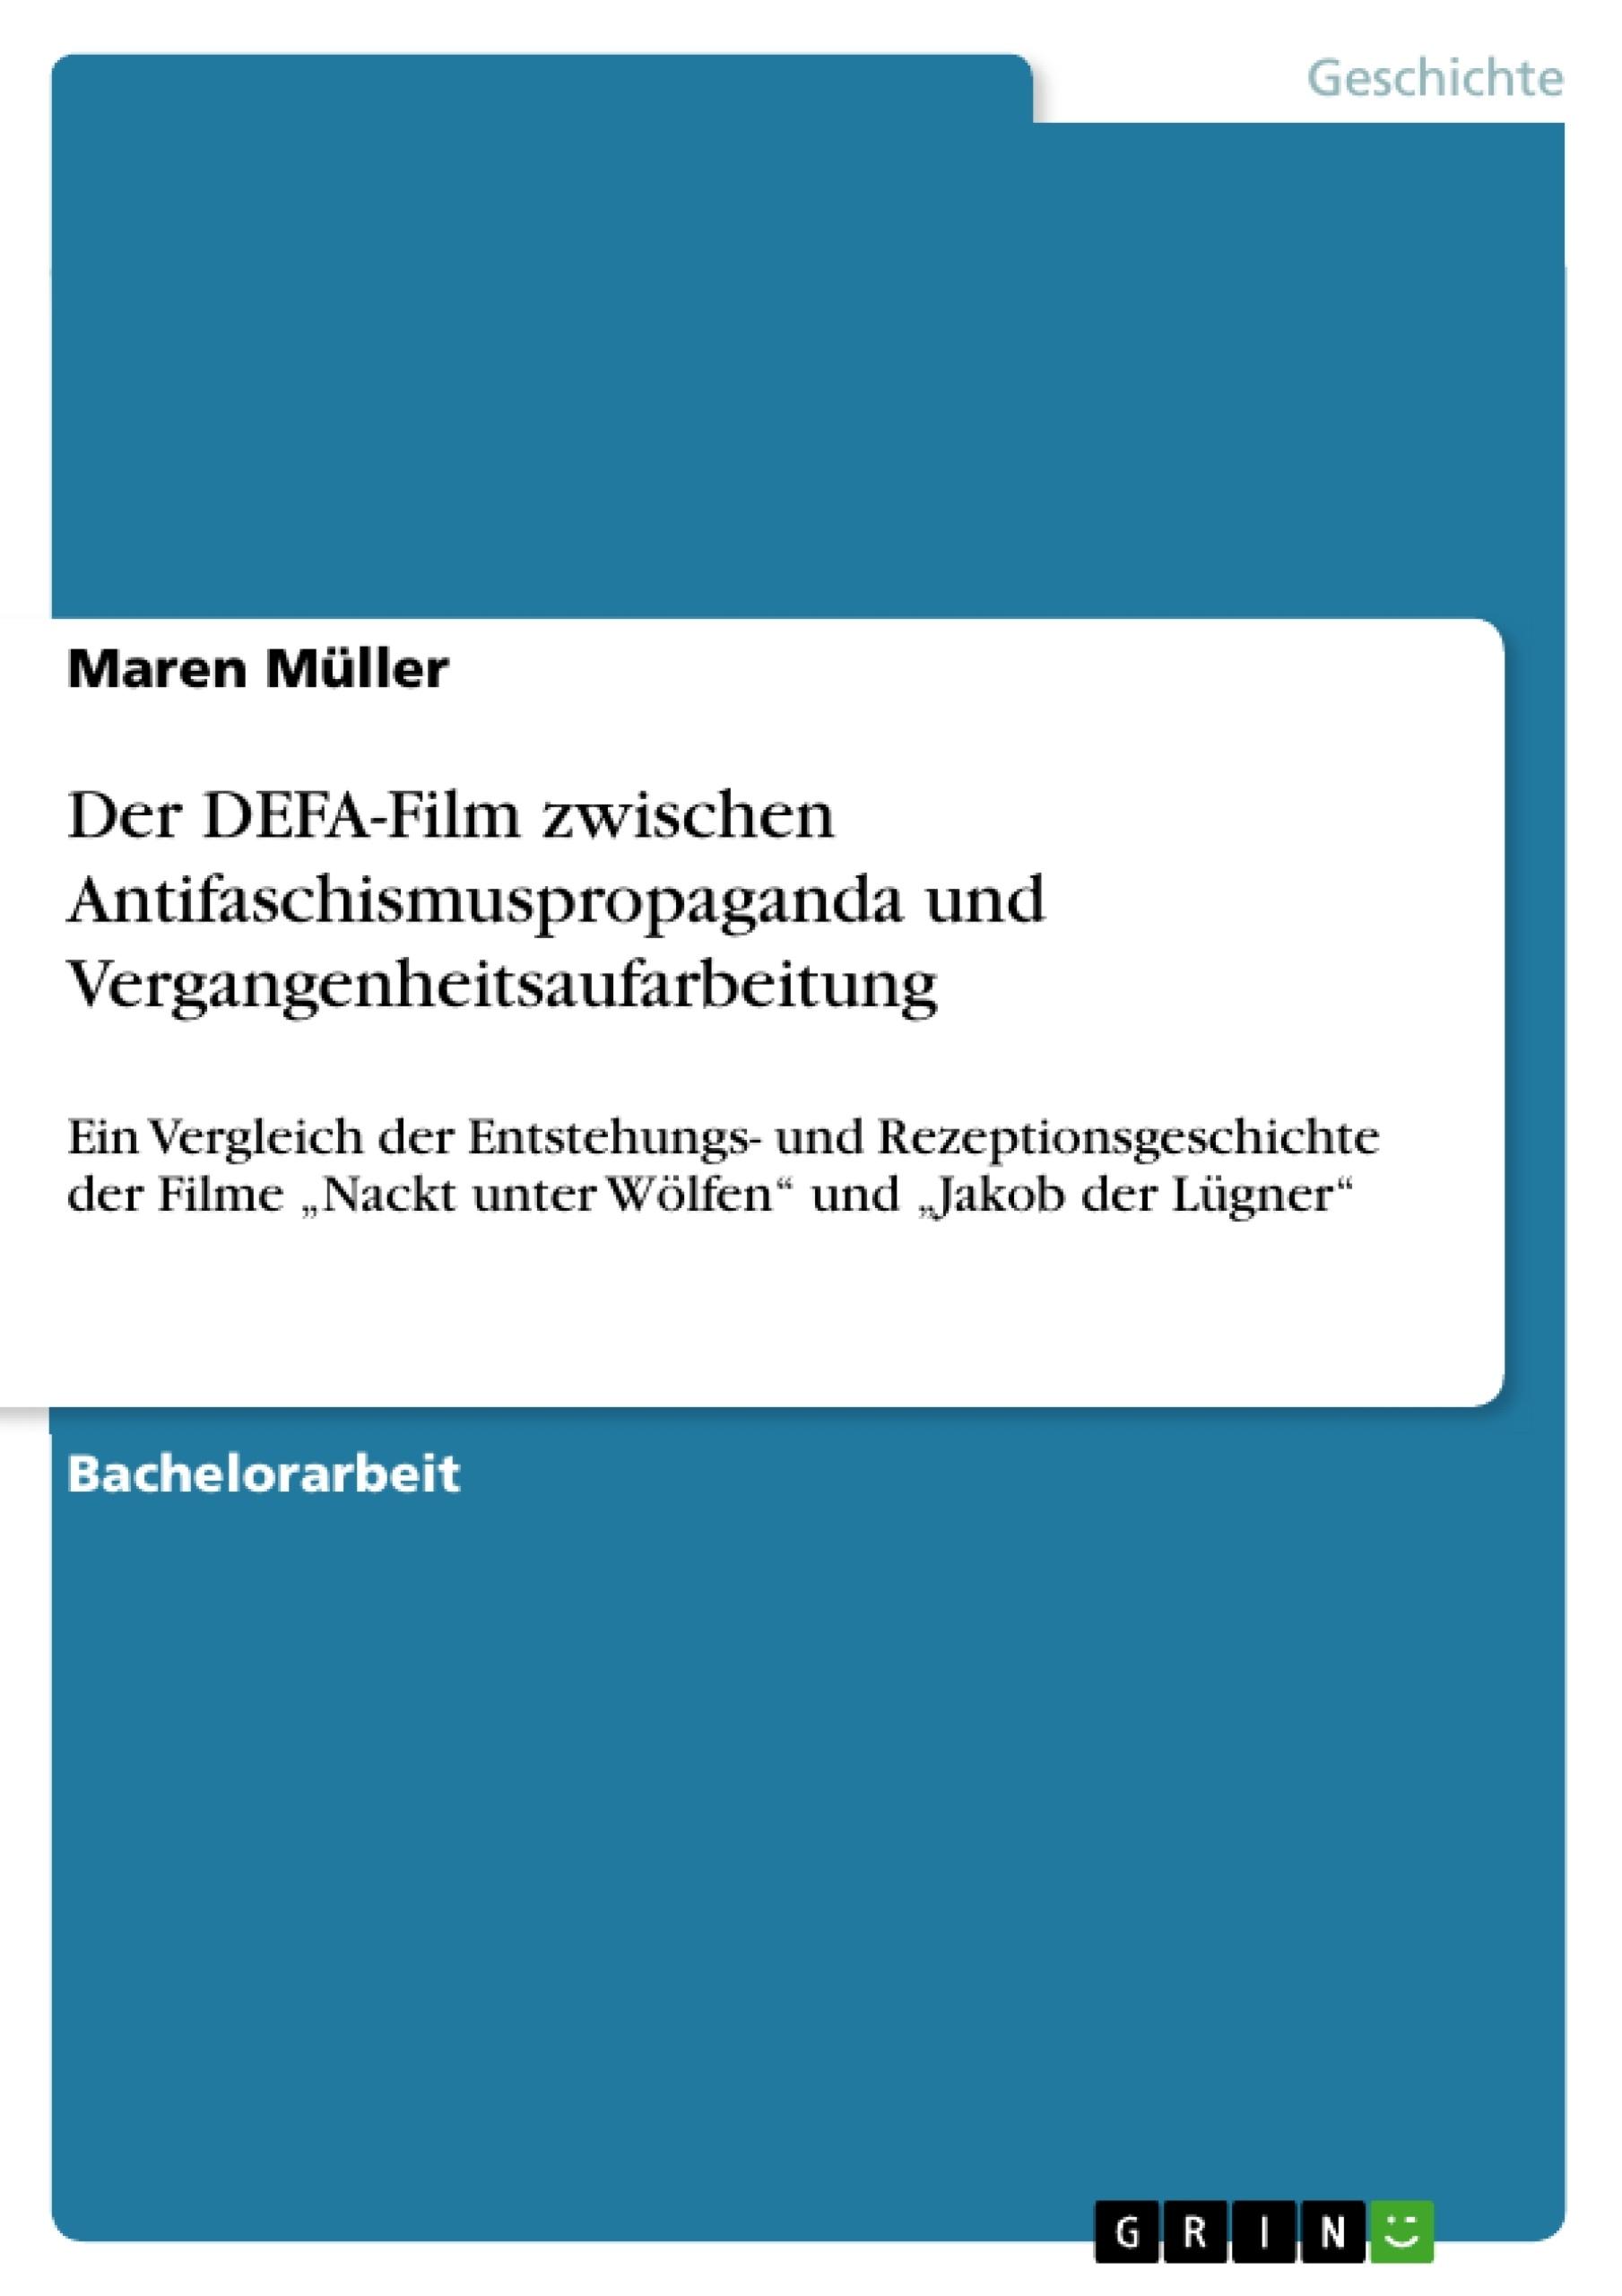 Titel: Der DEFA-Film zwischen Antifaschismuspropaganda und Vergangenheitsaufarbeitung